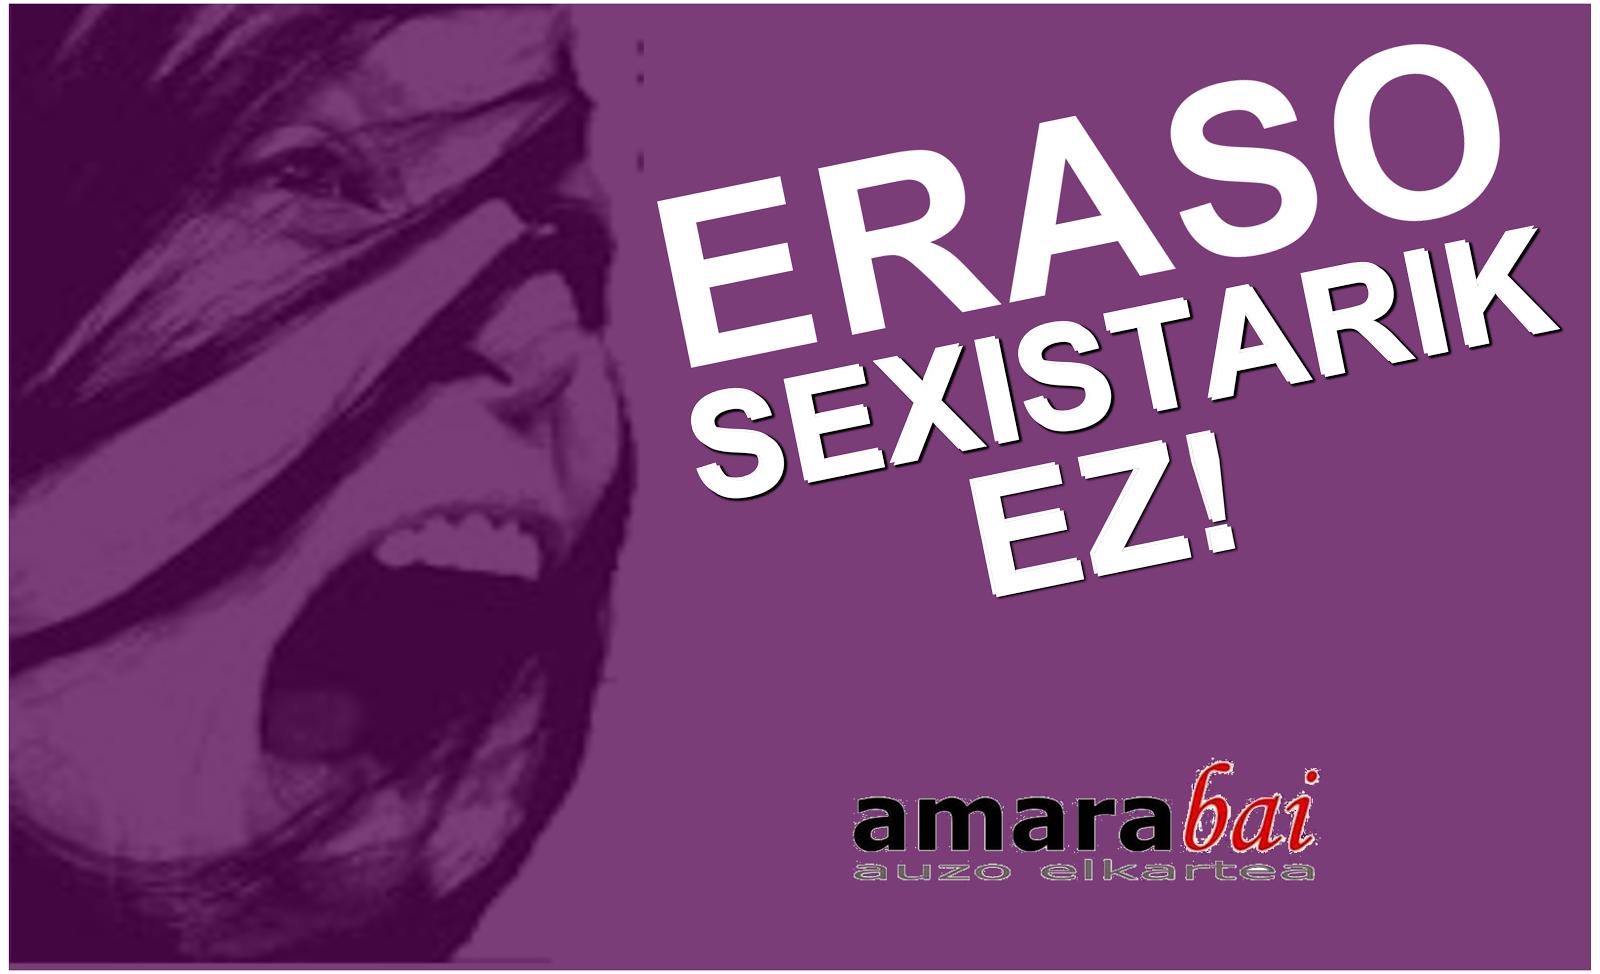 ERASORIK EZ!